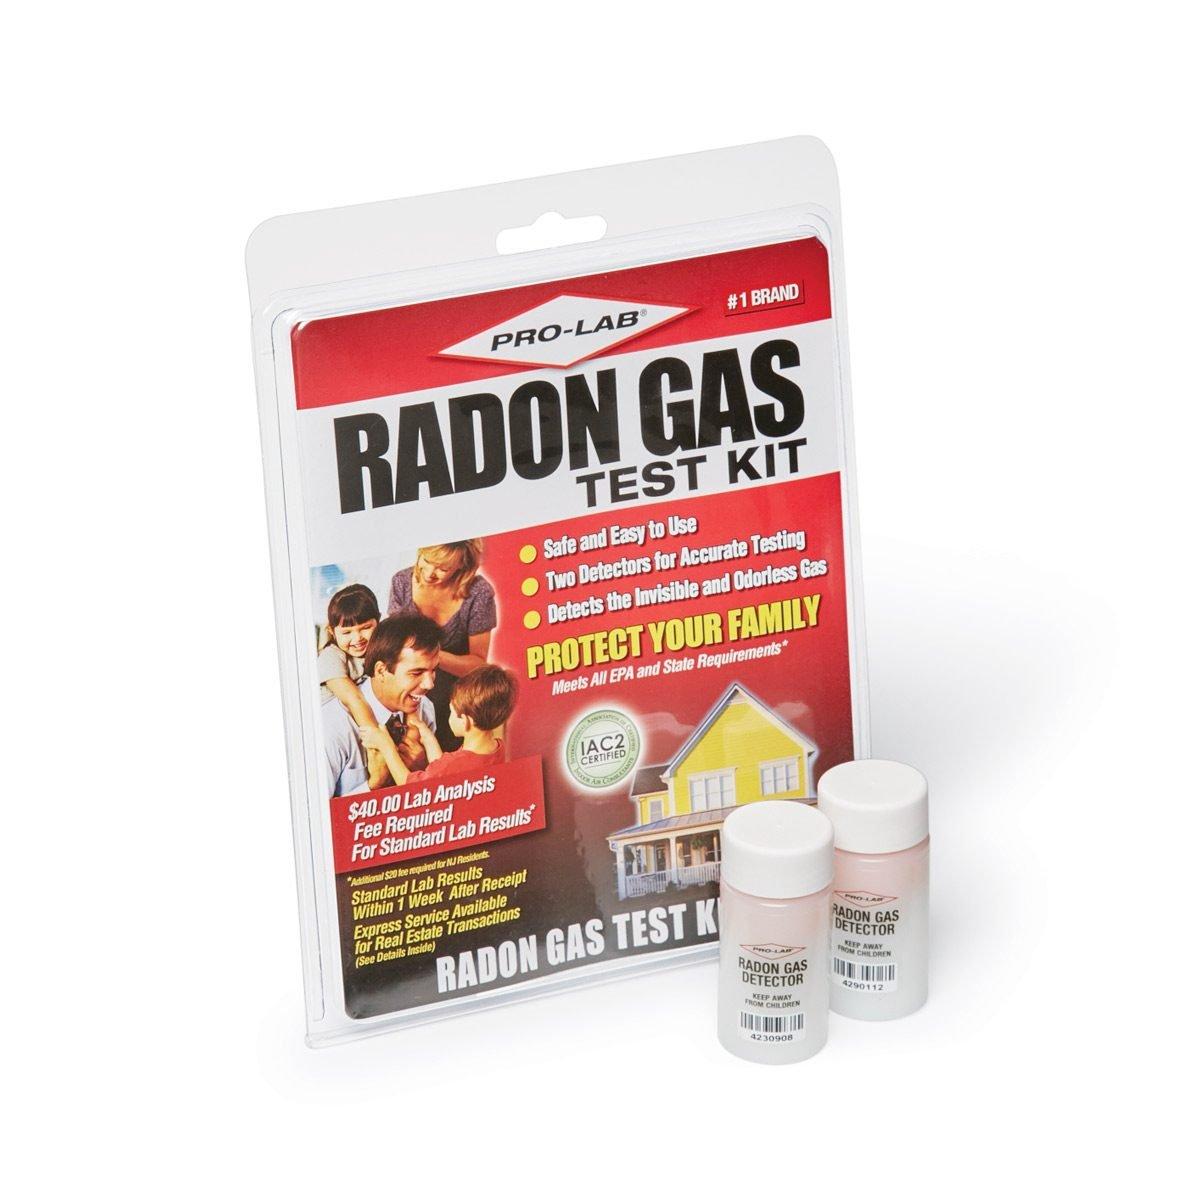 How do you test for radon?